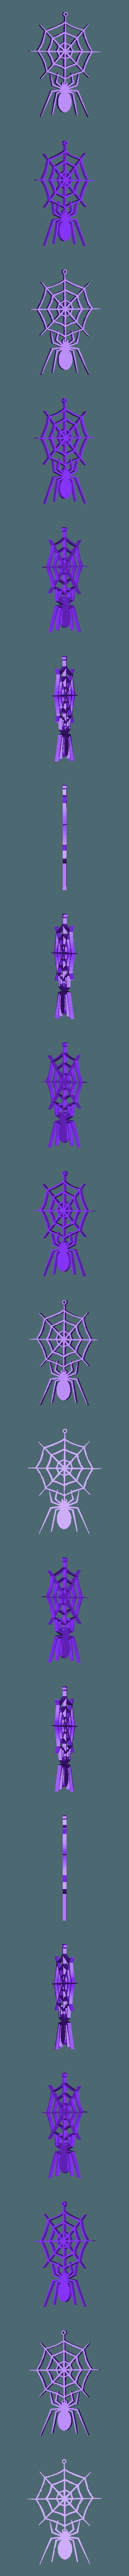 Spider.stl Télécharger fichier STL gratuit SPIDER • Design à imprimer en 3D, oasisk